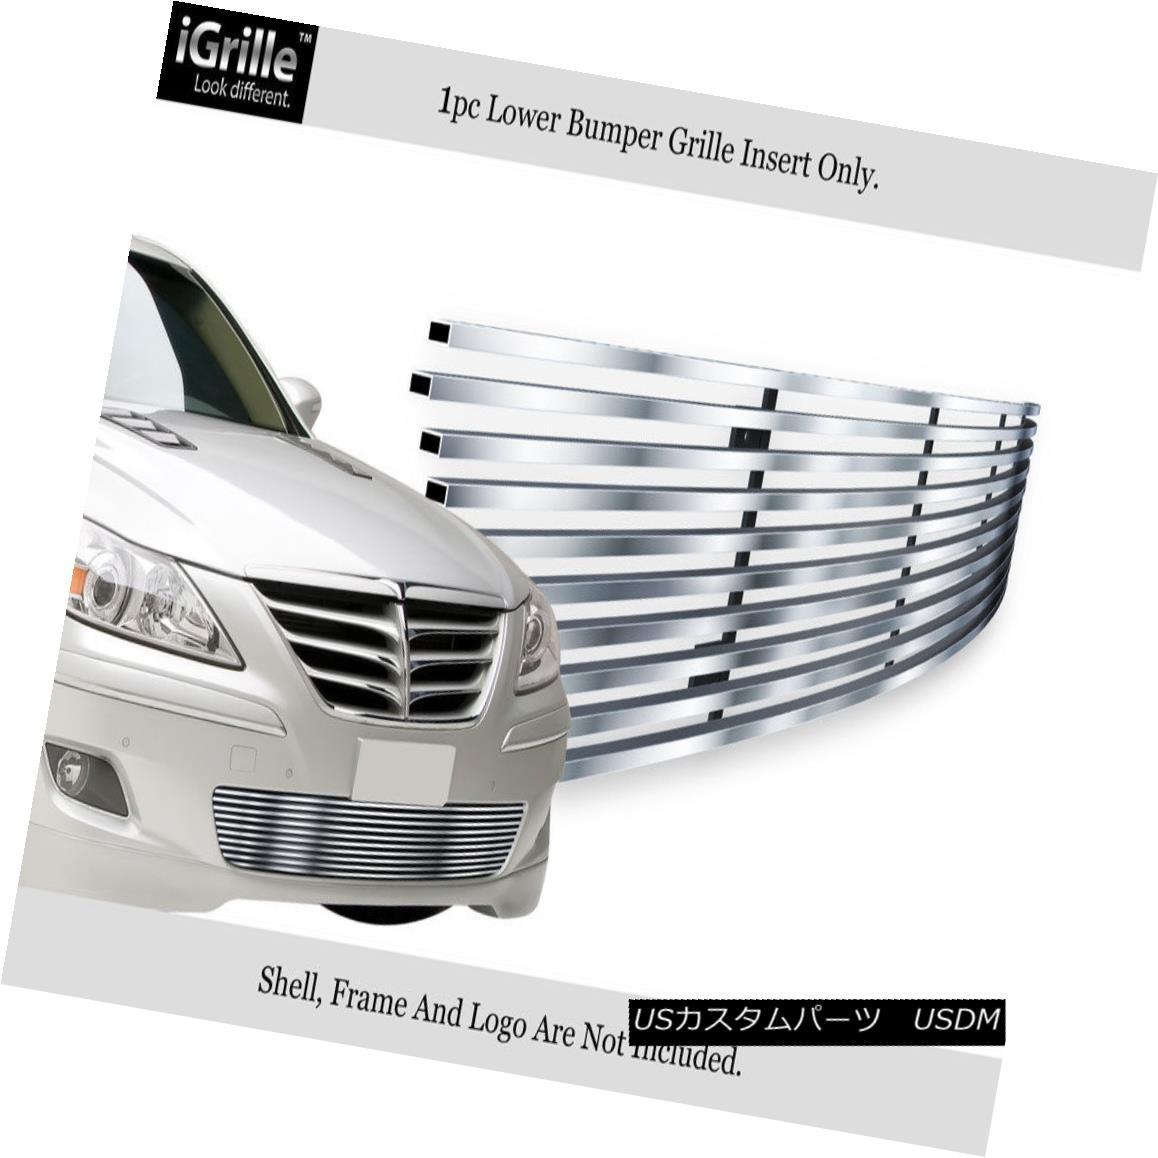 グリル Fits 09-11 2011 Genesis Sedan Lower Bumper Stainless Steel Billet Grille フィット09-11 2011ジェネシスセダンロワーバンパーステンレス鋼ビレットグリル